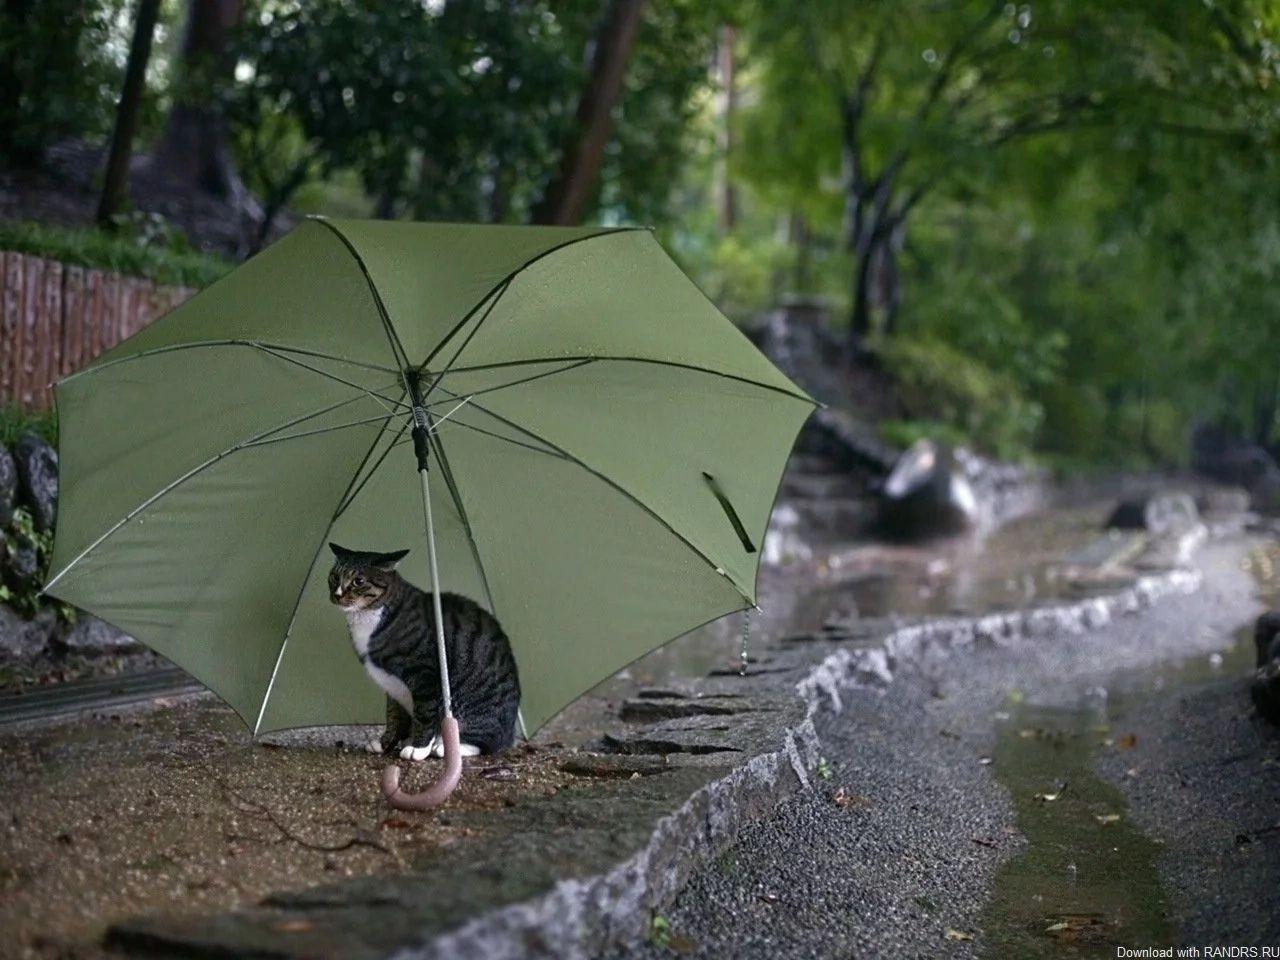 Днем святого, картинки прикольные осень дождь